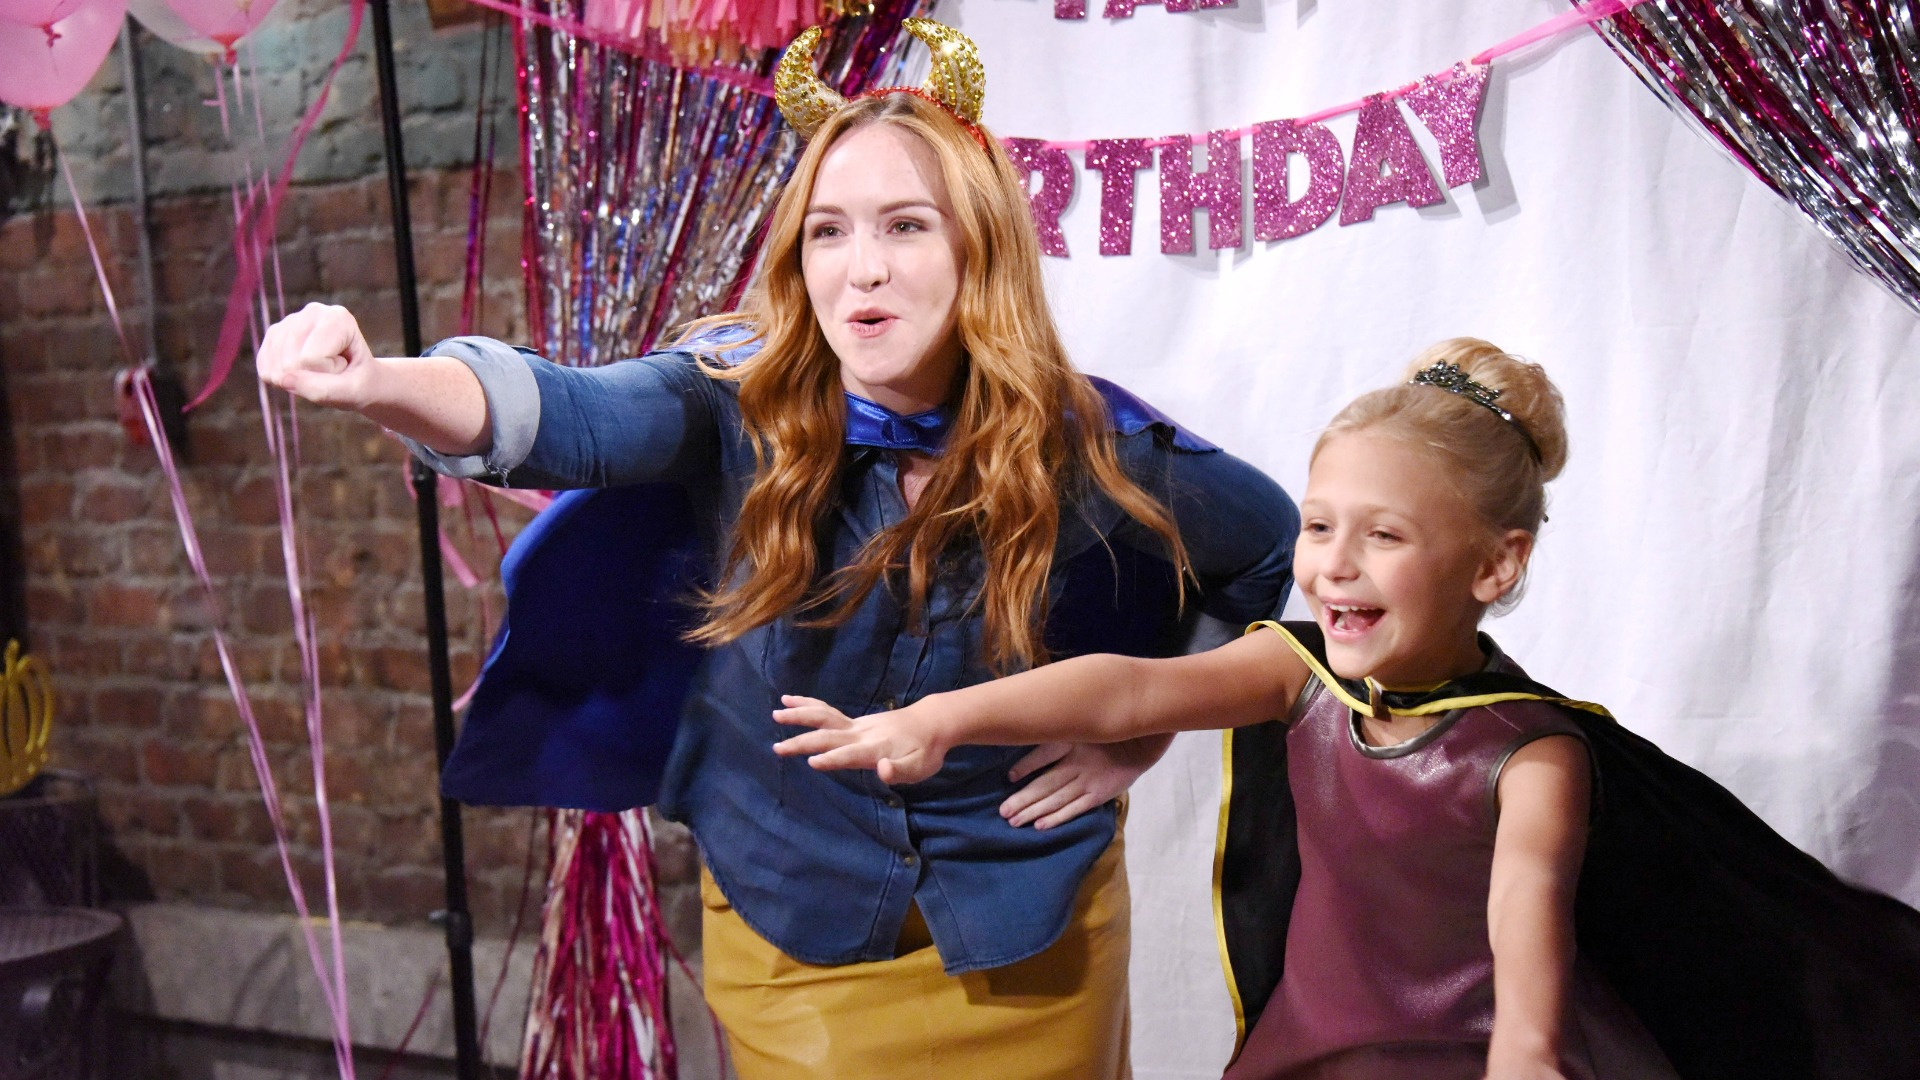 Mariah and Faith were having a blast!